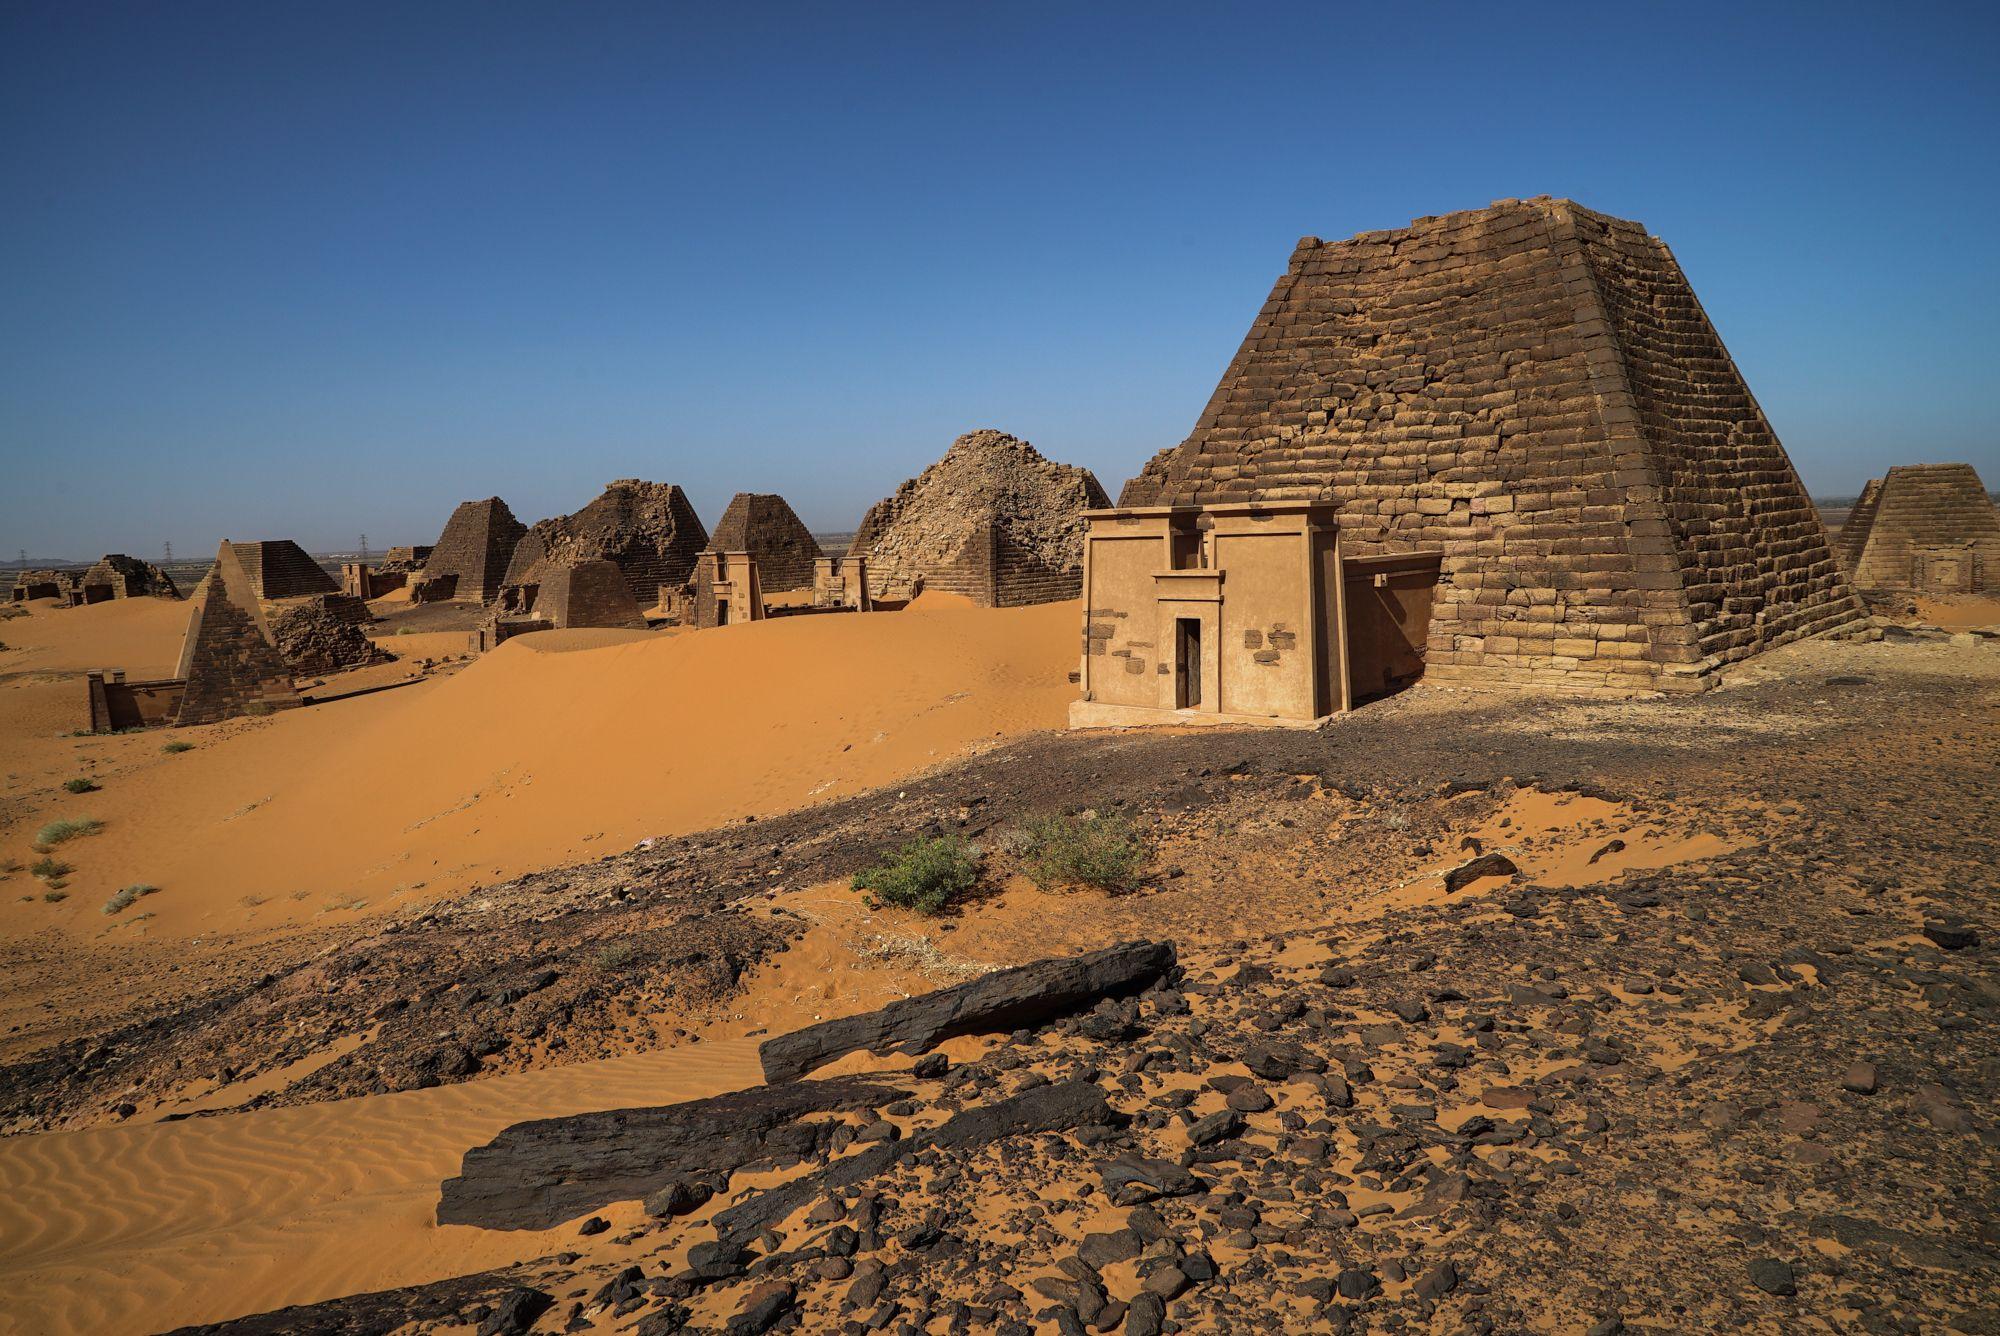 практике мало судан пирамиды фото пробег хочу